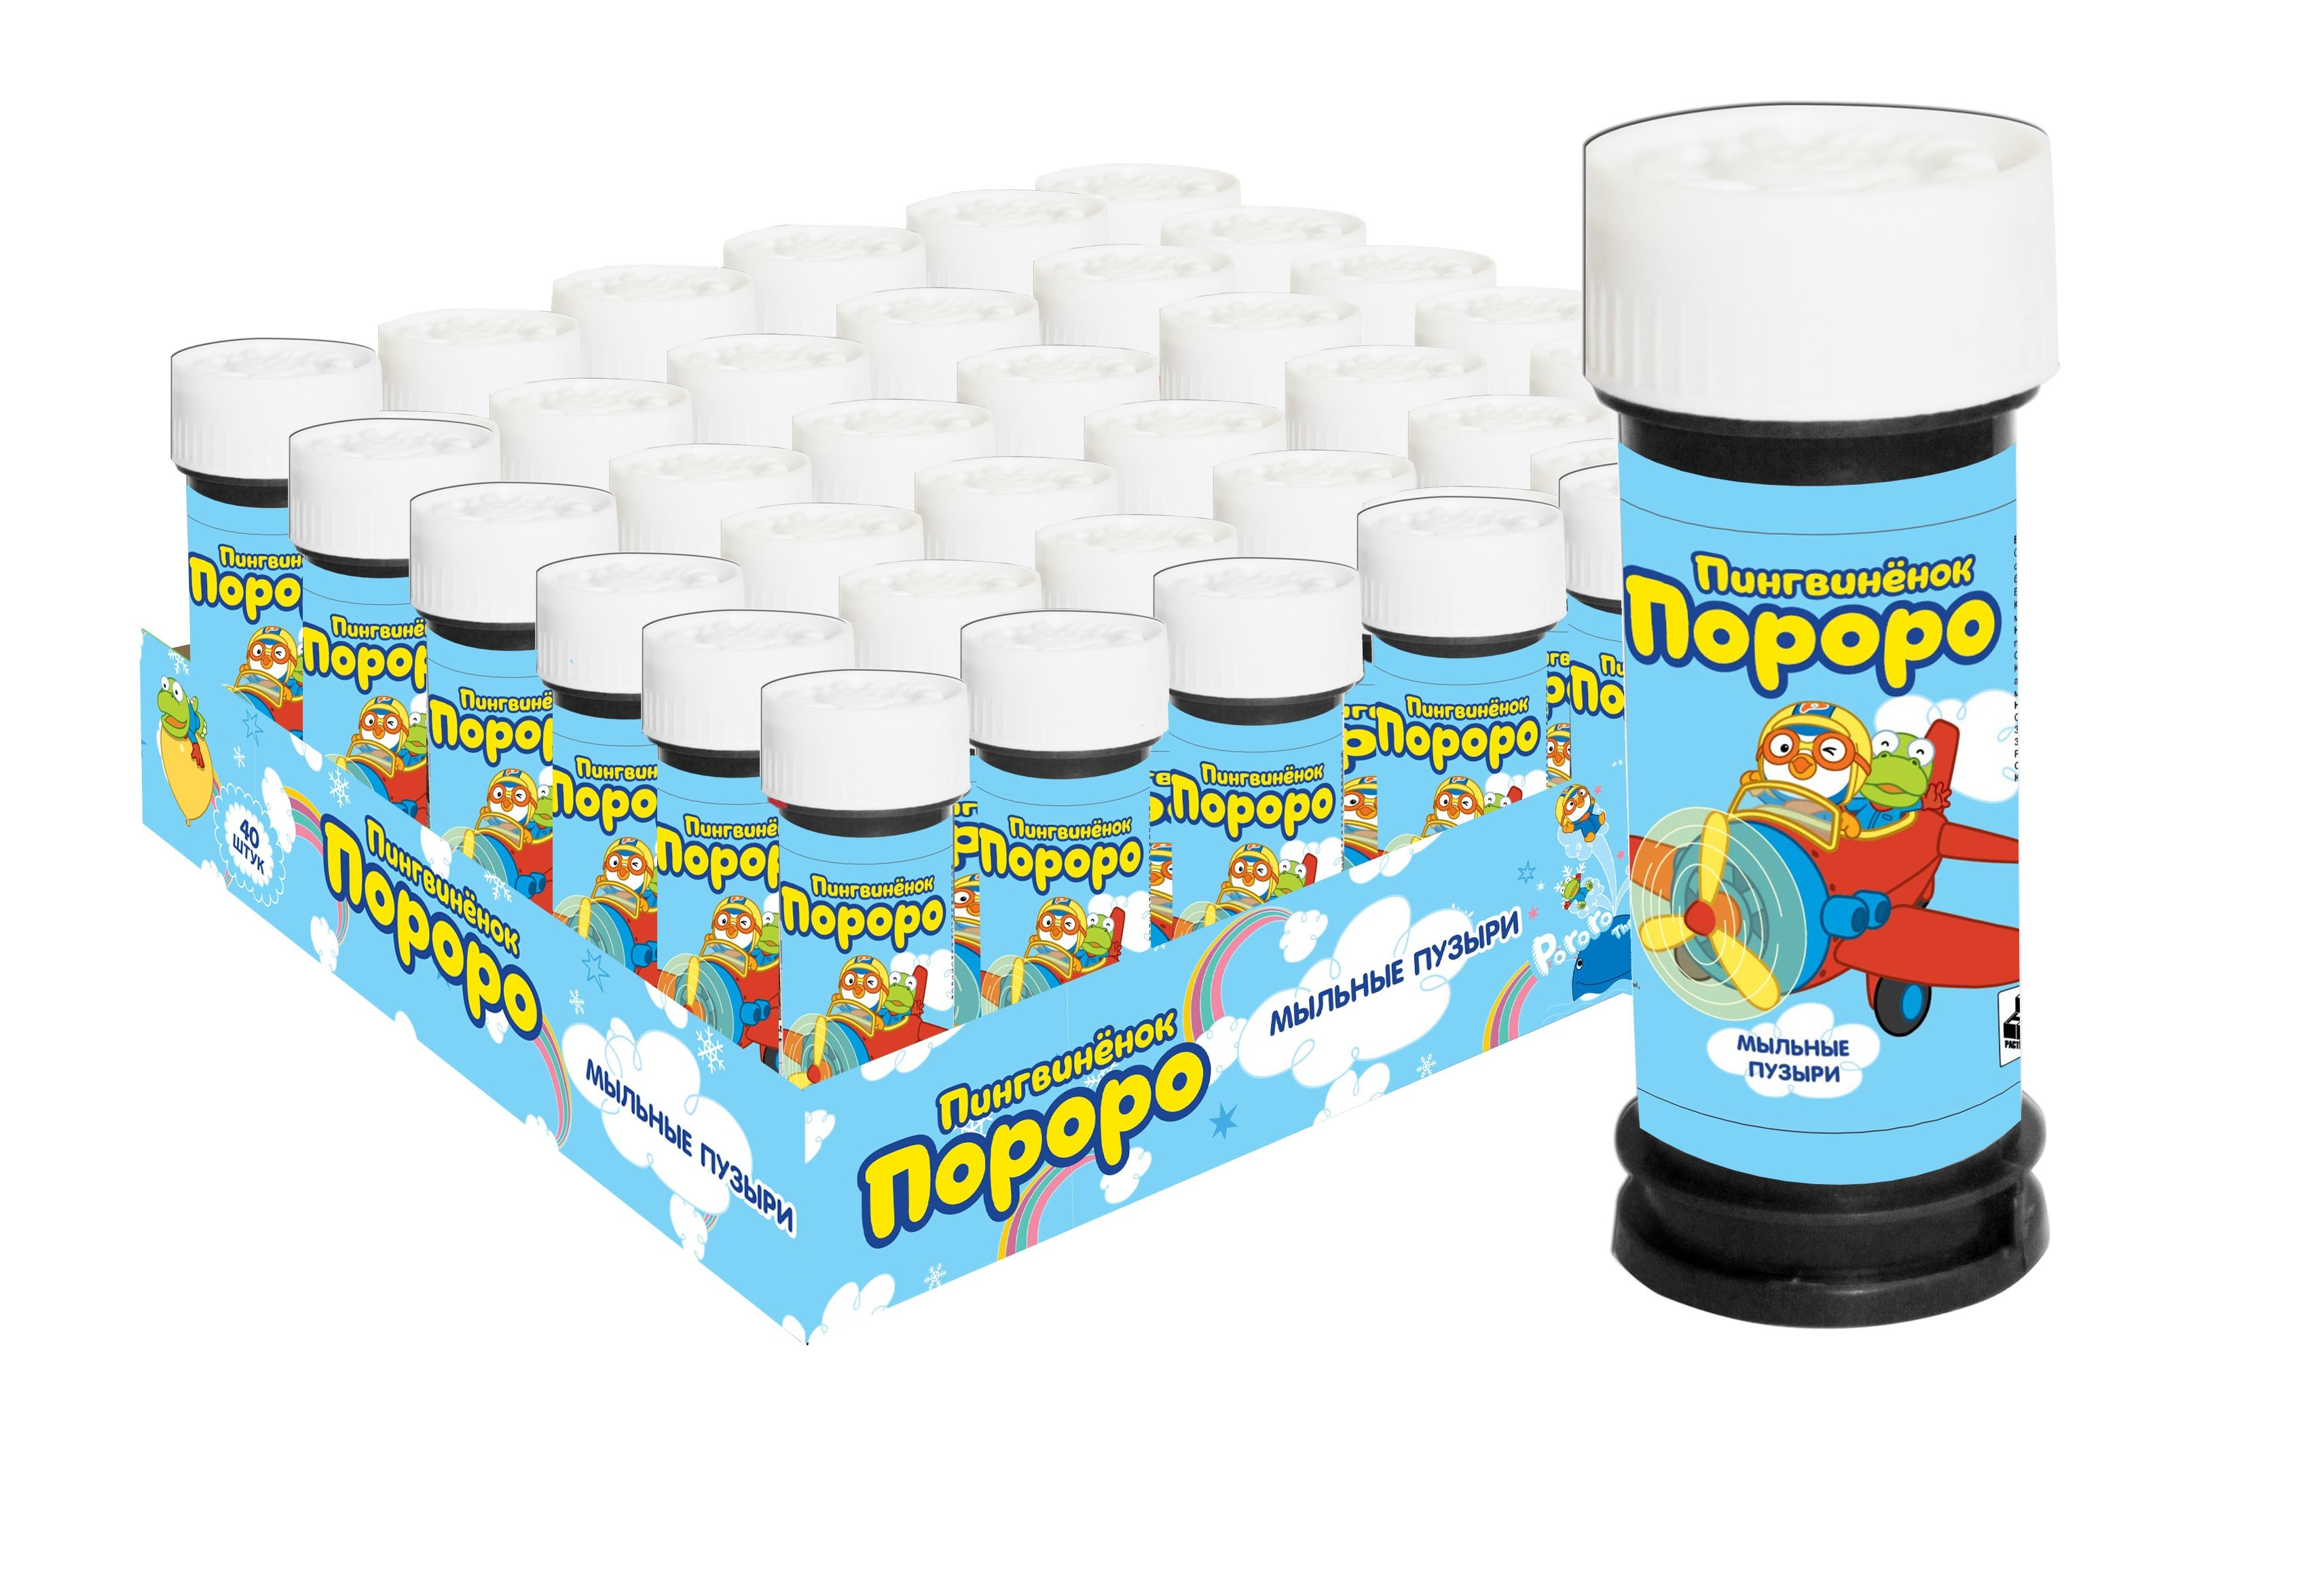 Мыльные пузыри 1toy Пингвинёнок Пороро, 50 мл. мыльные пузыри 1toy angry birds classic 50 мл